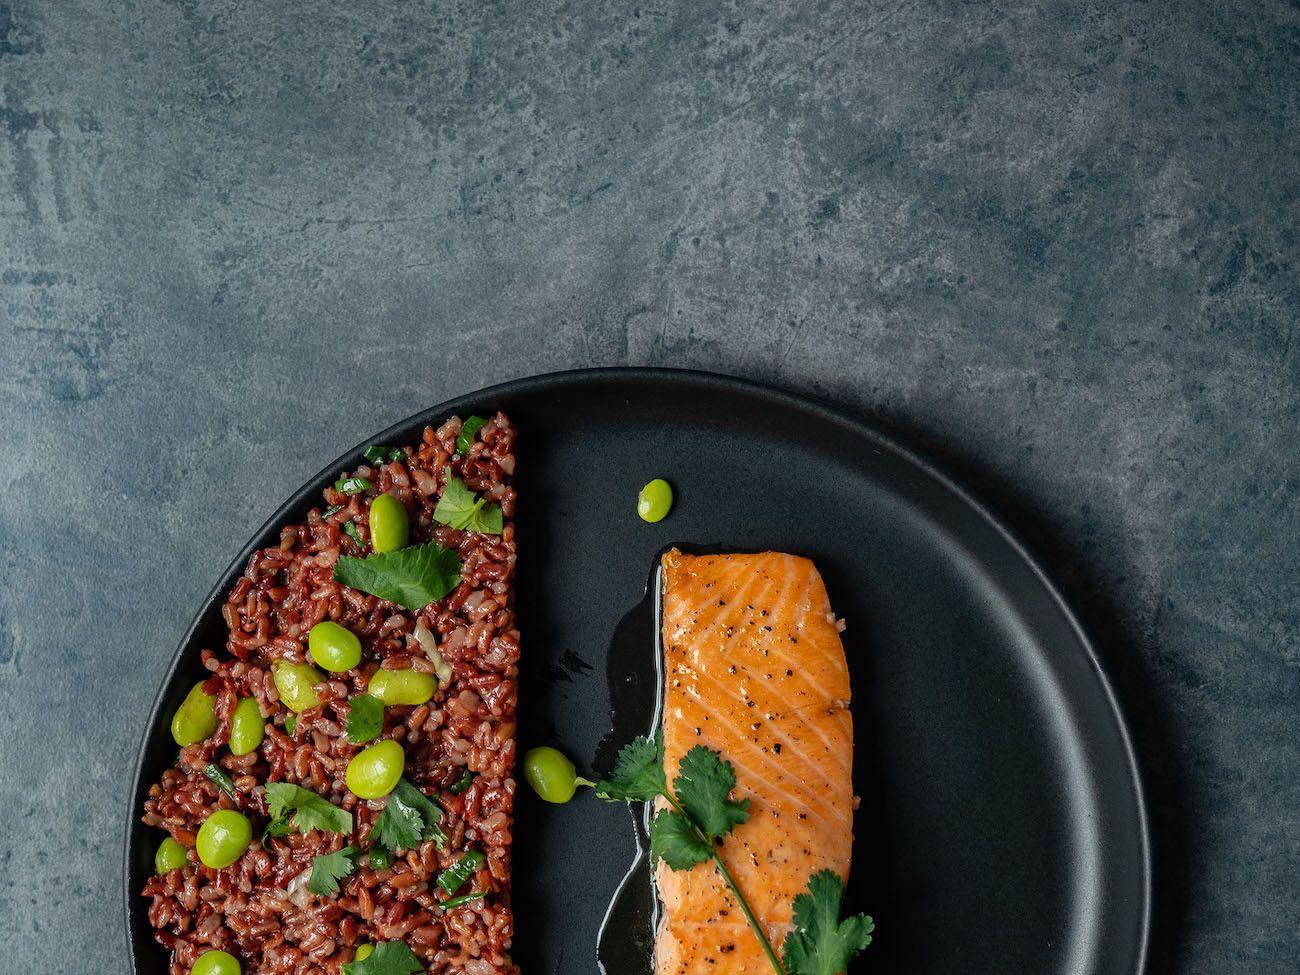 Foodblog About Fuel, Rezept Roter Reissalat mit Edamame und Ahornsirup Lachs, Teller, Koriander